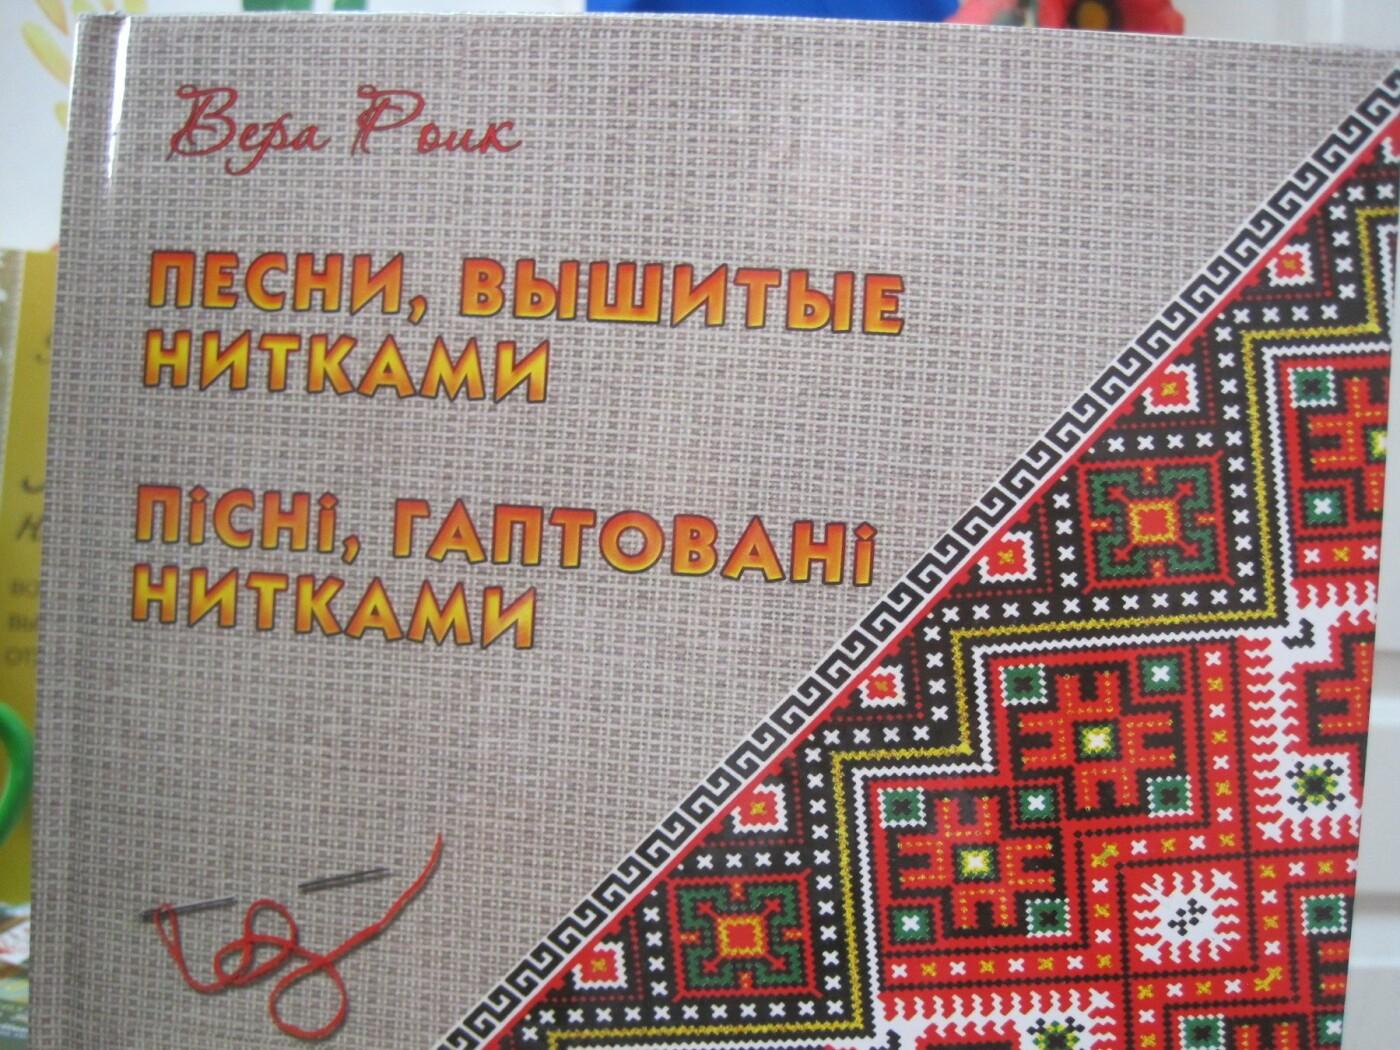 Ялтинской библиотеке подарили альбом вышивок и узоров Веры Роик «Песни, вышитые нитками», фото-3